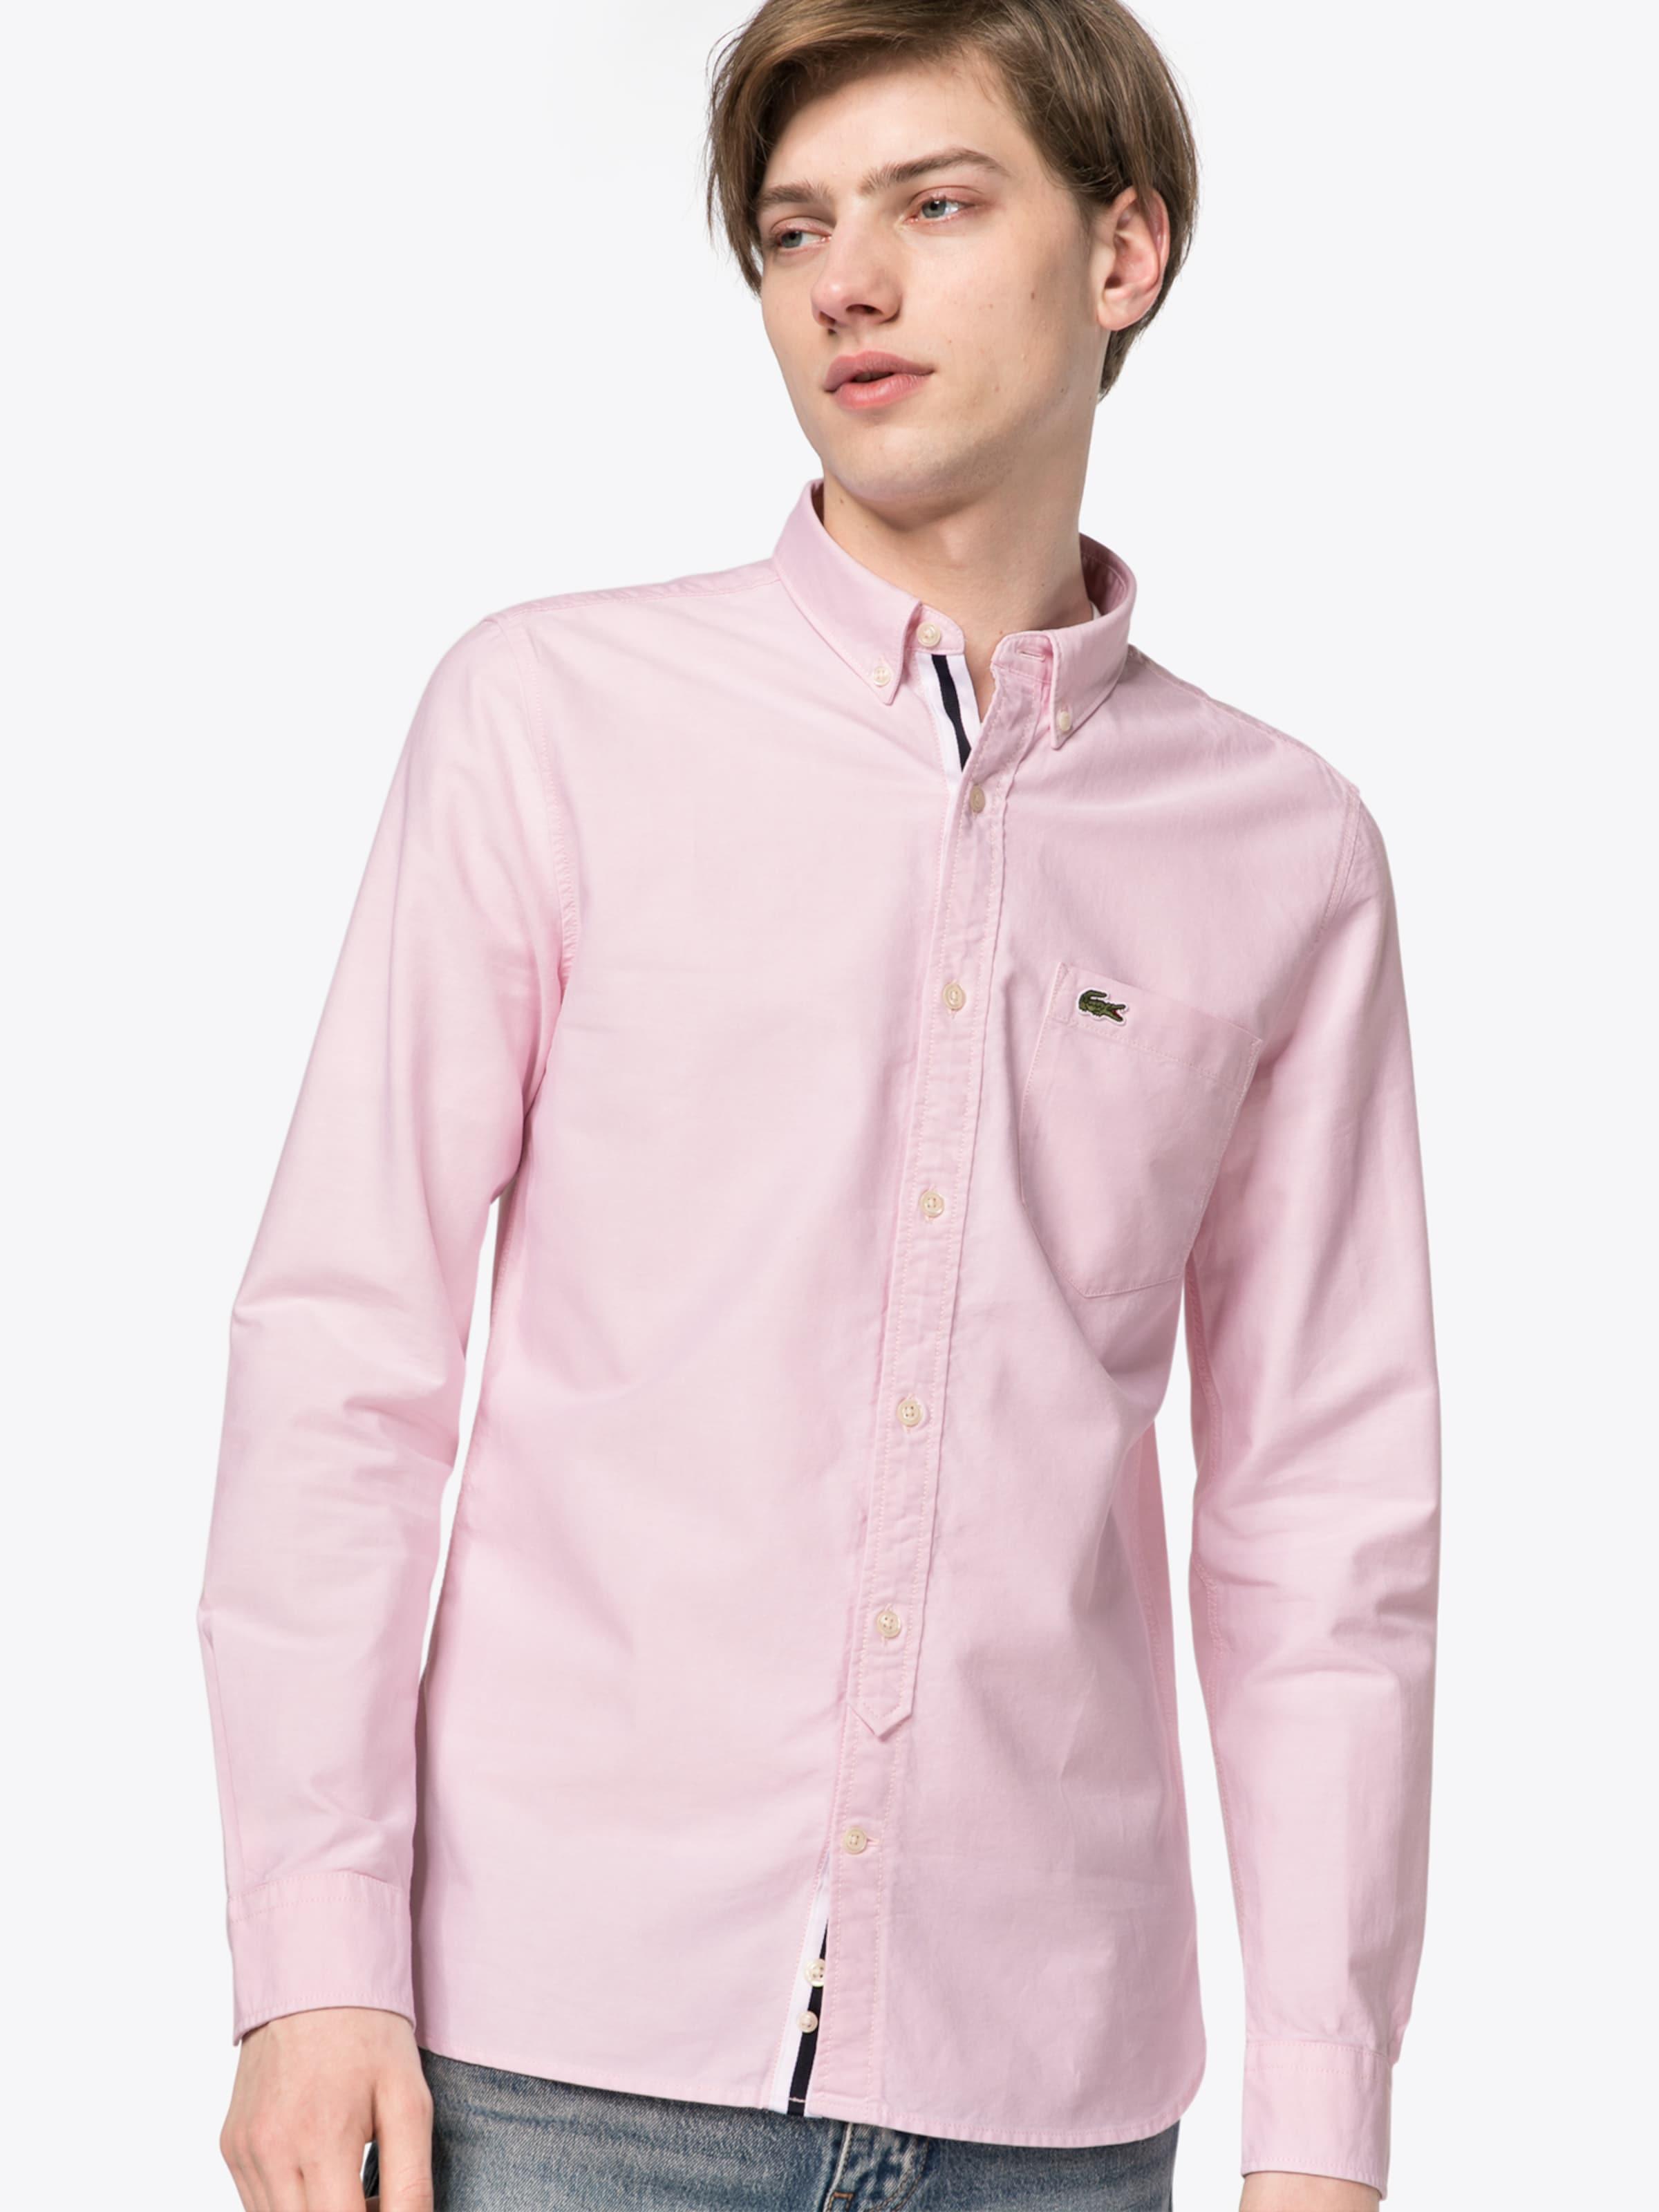 Günstig Kaufen LACOSTE Freizeithemd Erstaunlicher Preis Verkauf Online Billig Authentisch Billig C9iyZ